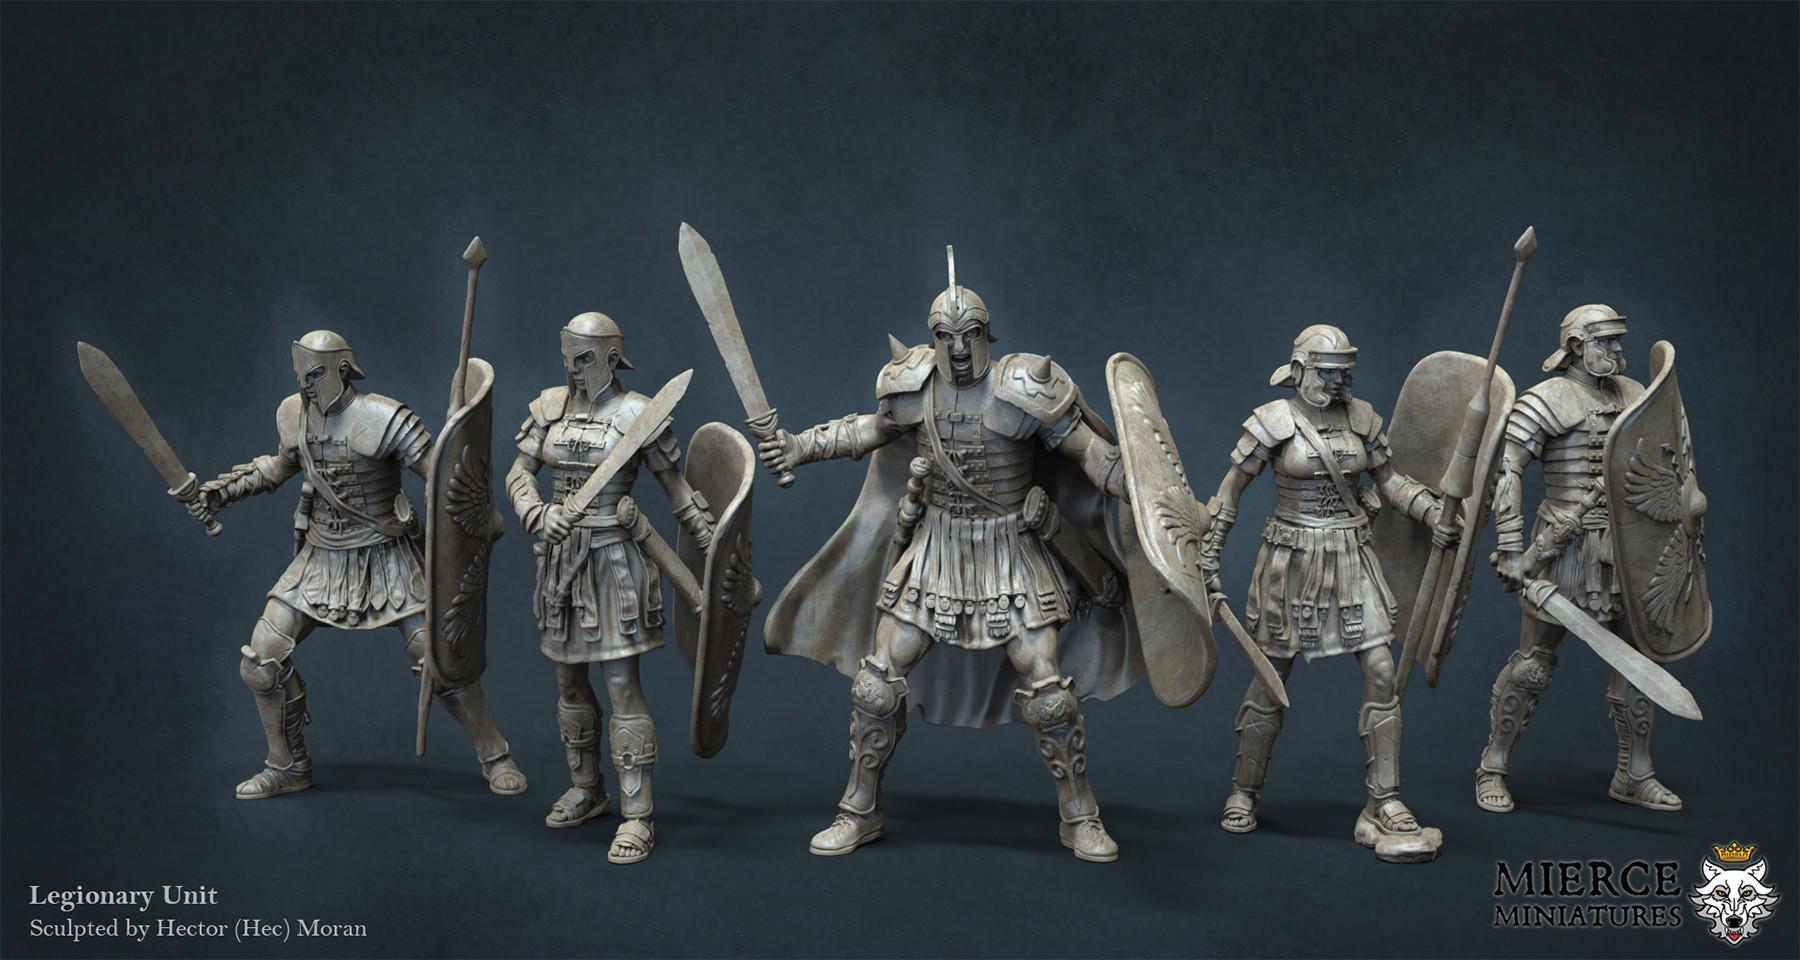 Hector moran hec legionaries